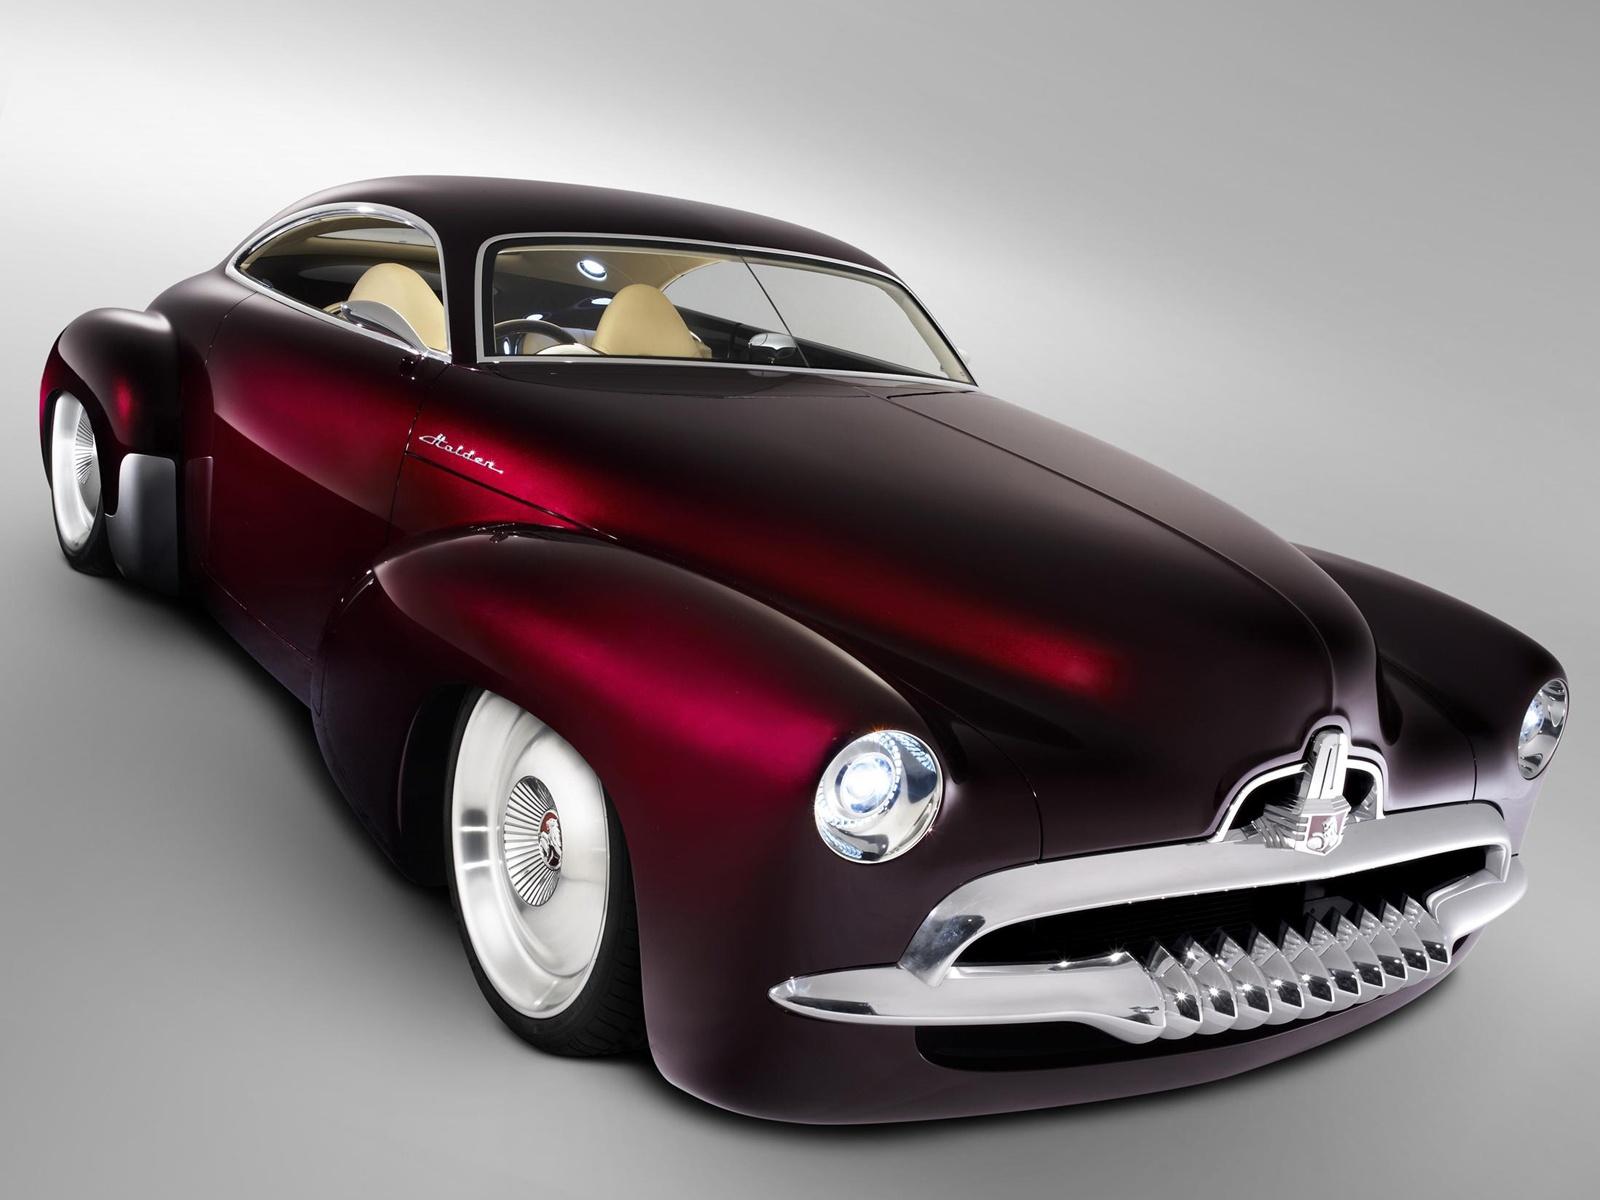 Download HD 2013 Classic Car Wallpapers Wallpaper Pics 1600x1200